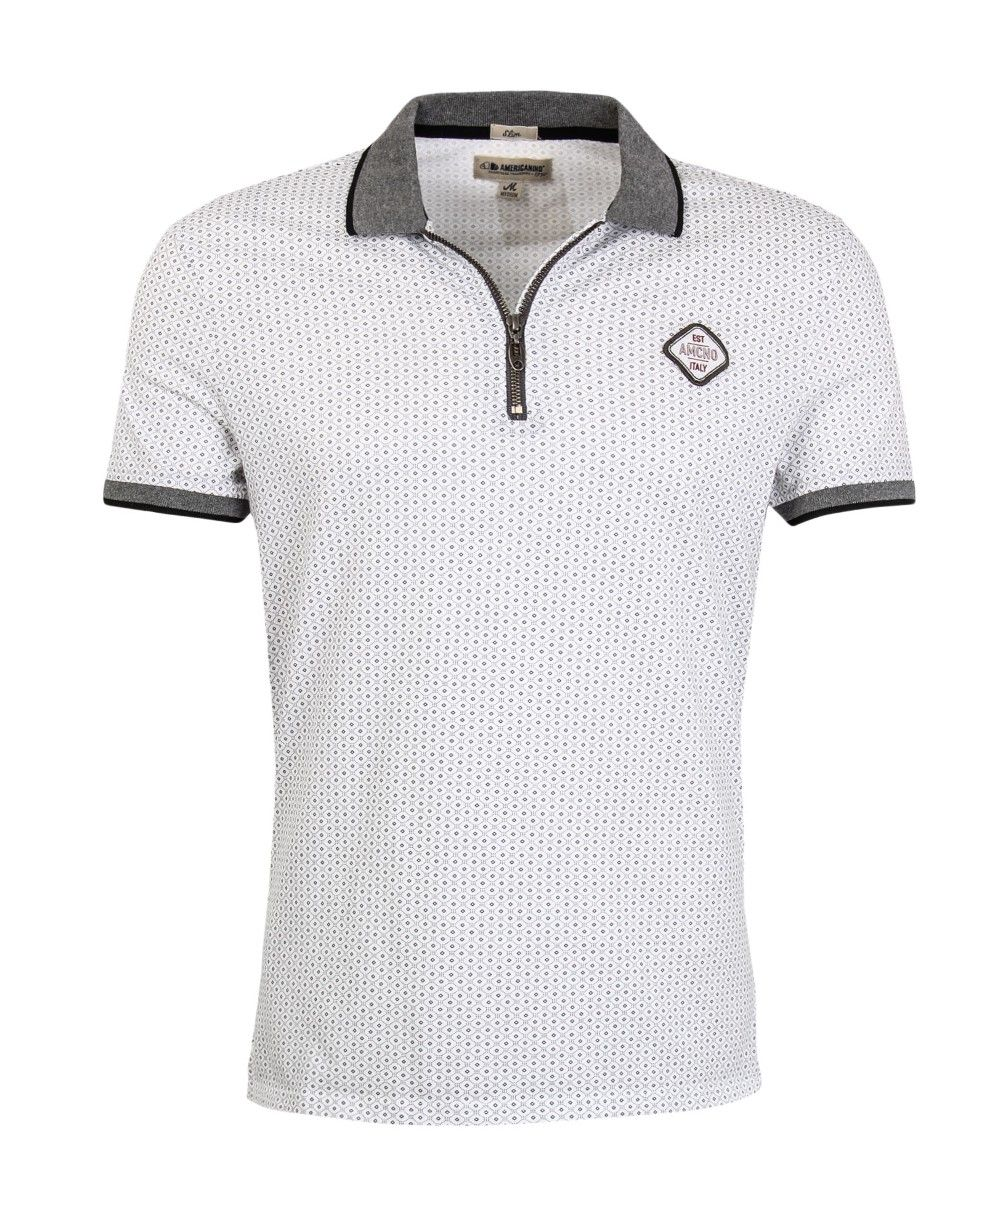 6610b8b6d579c Camiseta de hombre